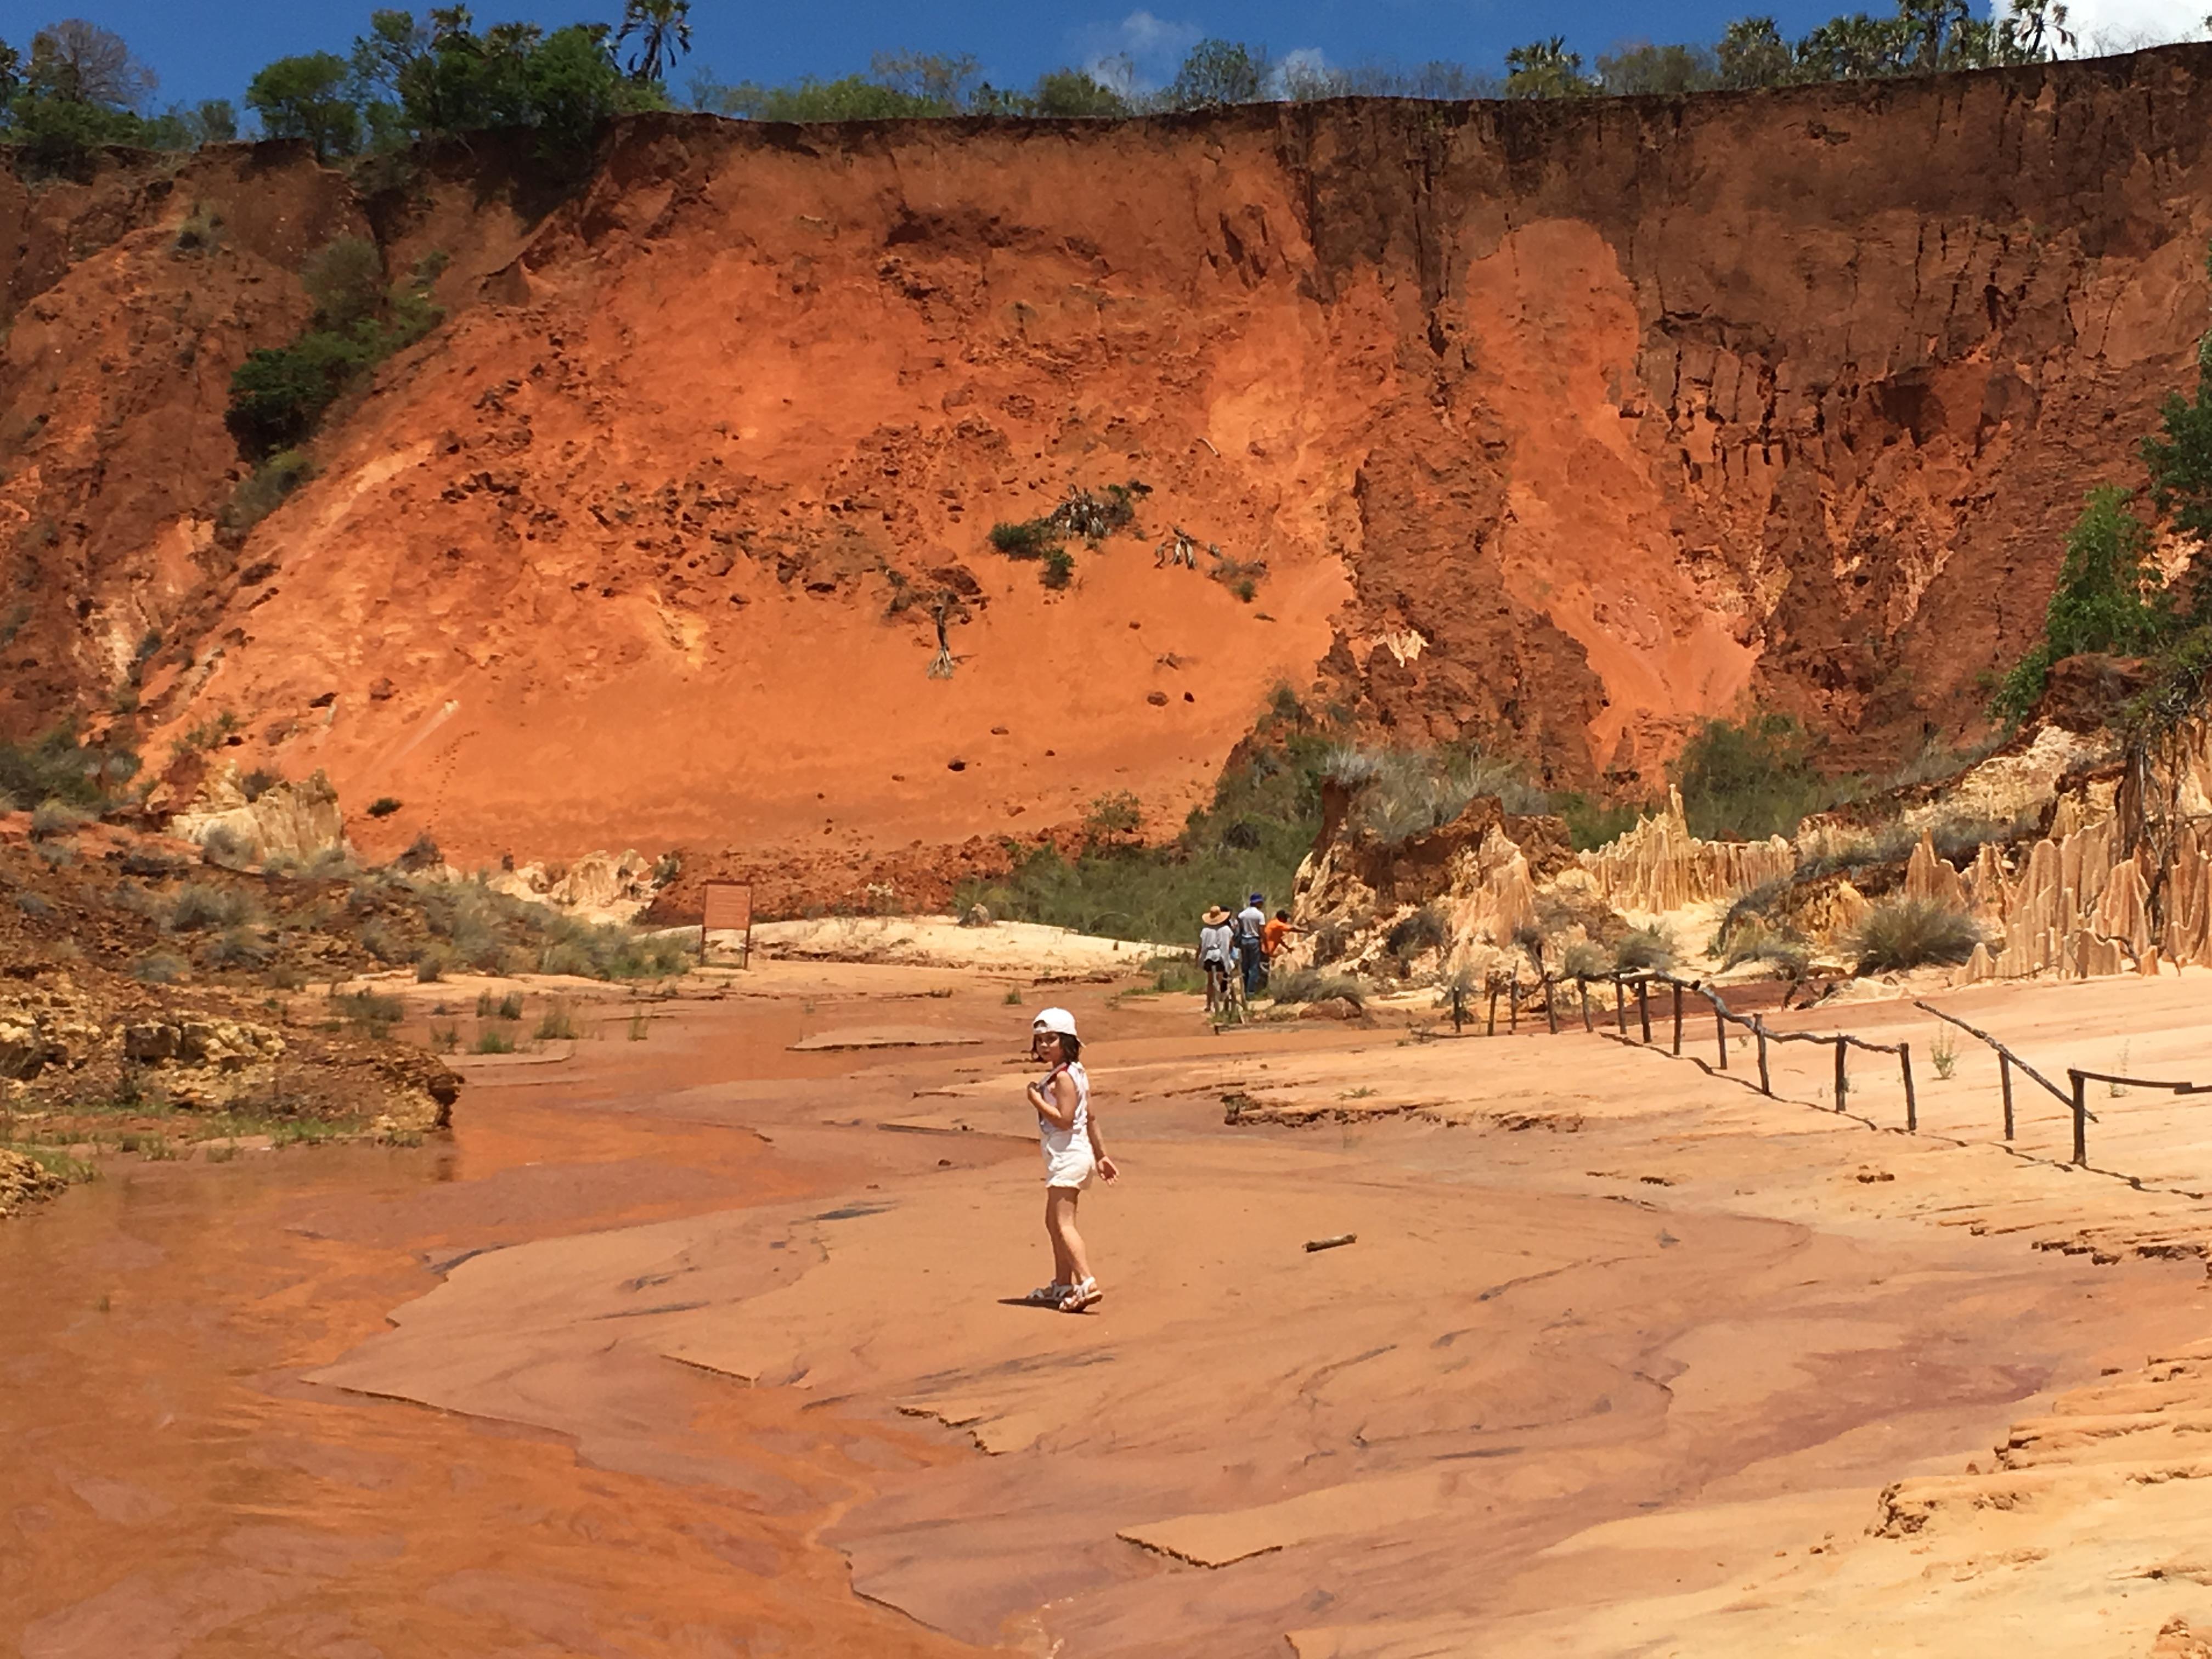 Viaggiare in Madagascar con bambini, cosa fare e cosa sapere?